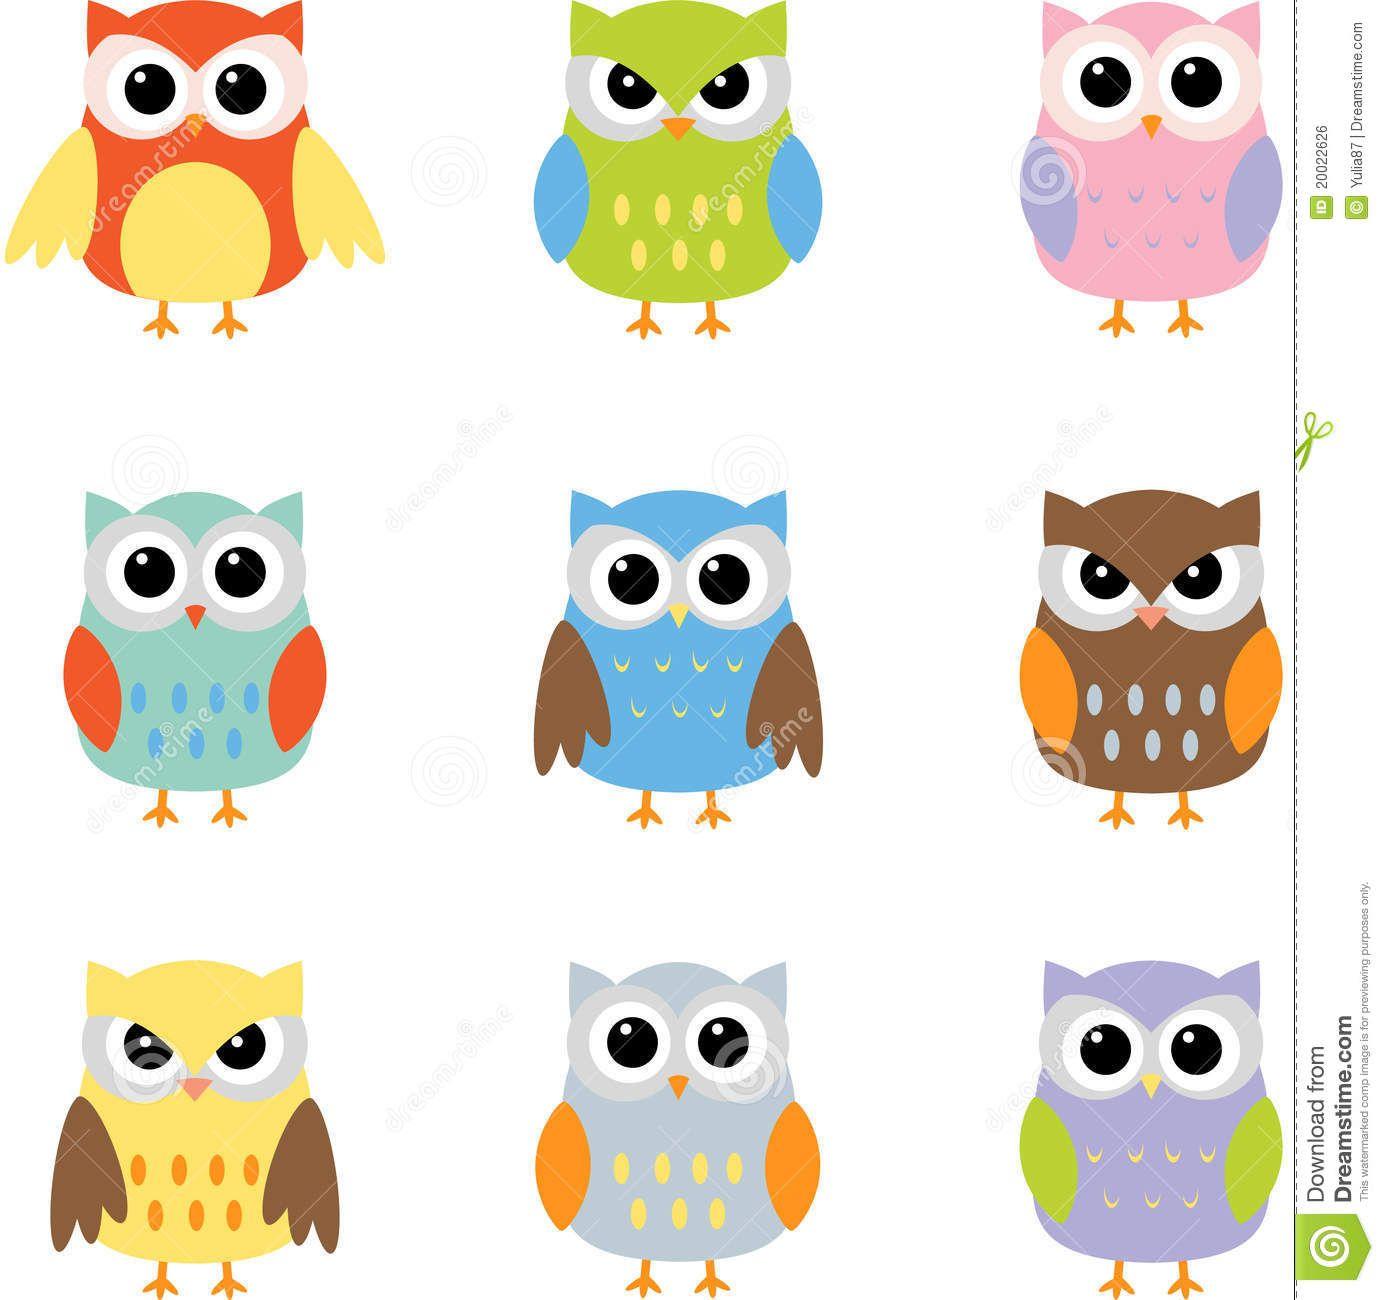 Owl Clip Art Templates Image Libre De Droits Clipart Images